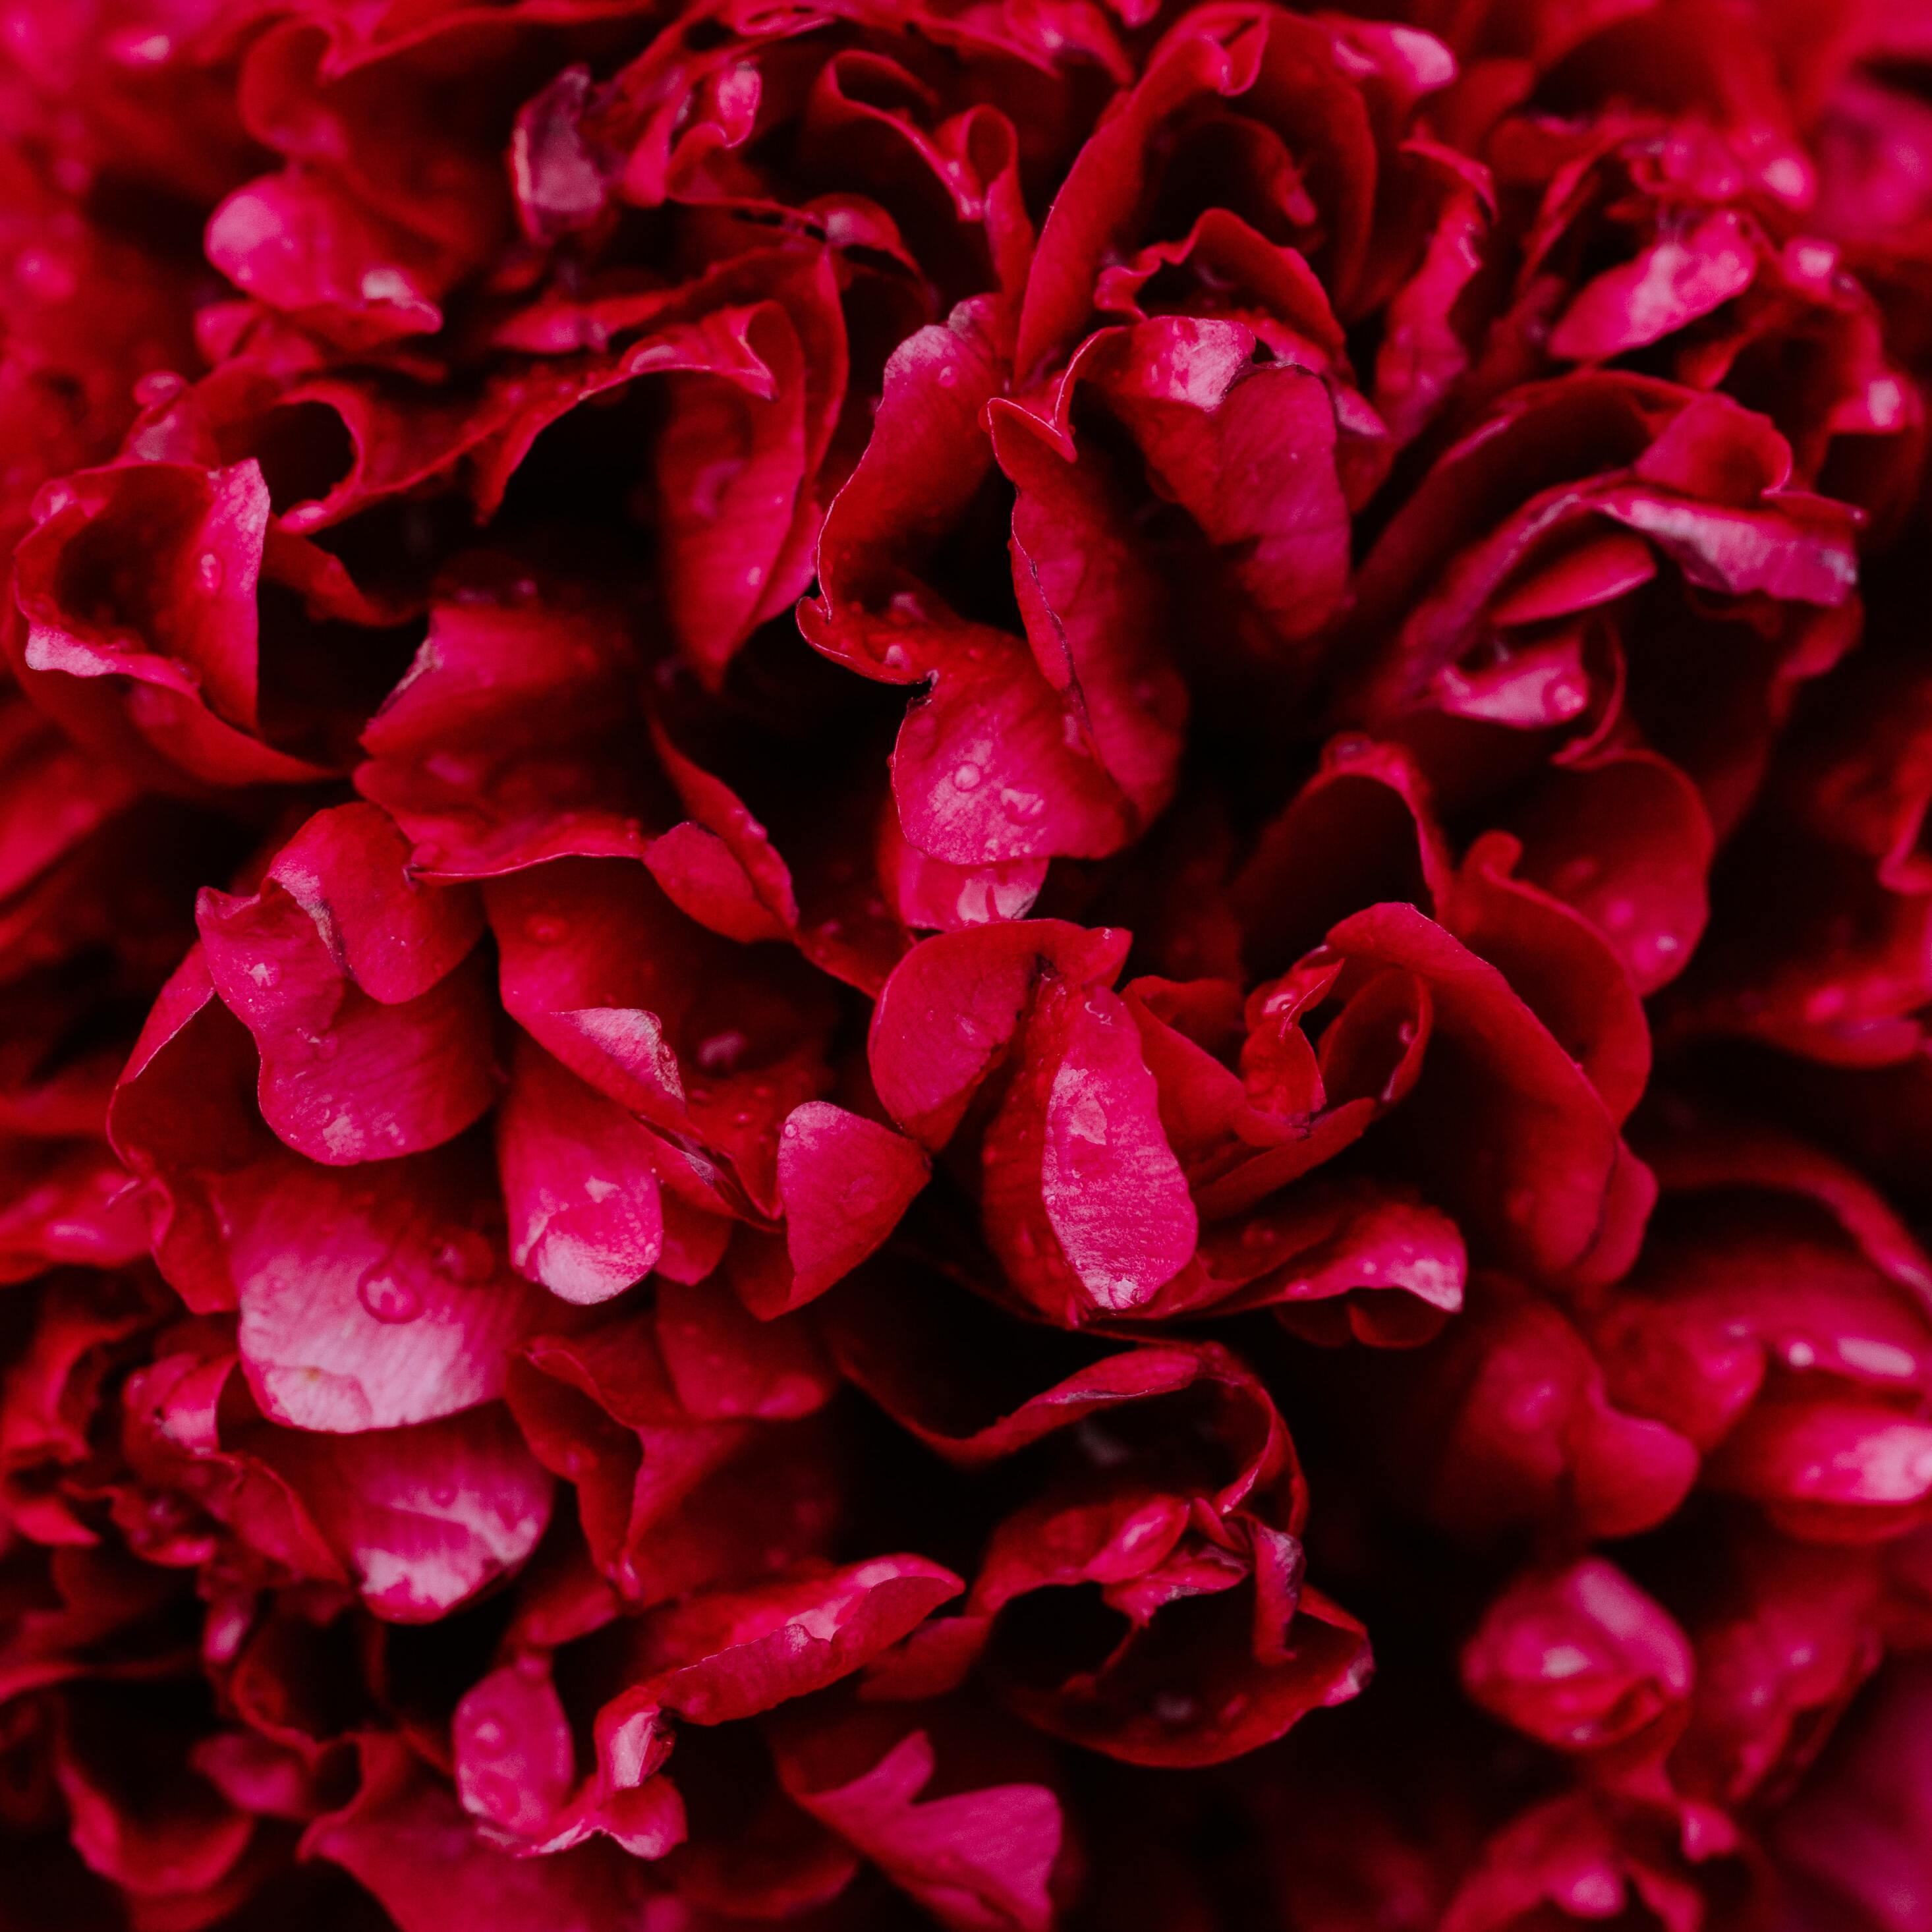 2932x2932 Red Roses 5k Ipad Pro Retina Display HD 4k